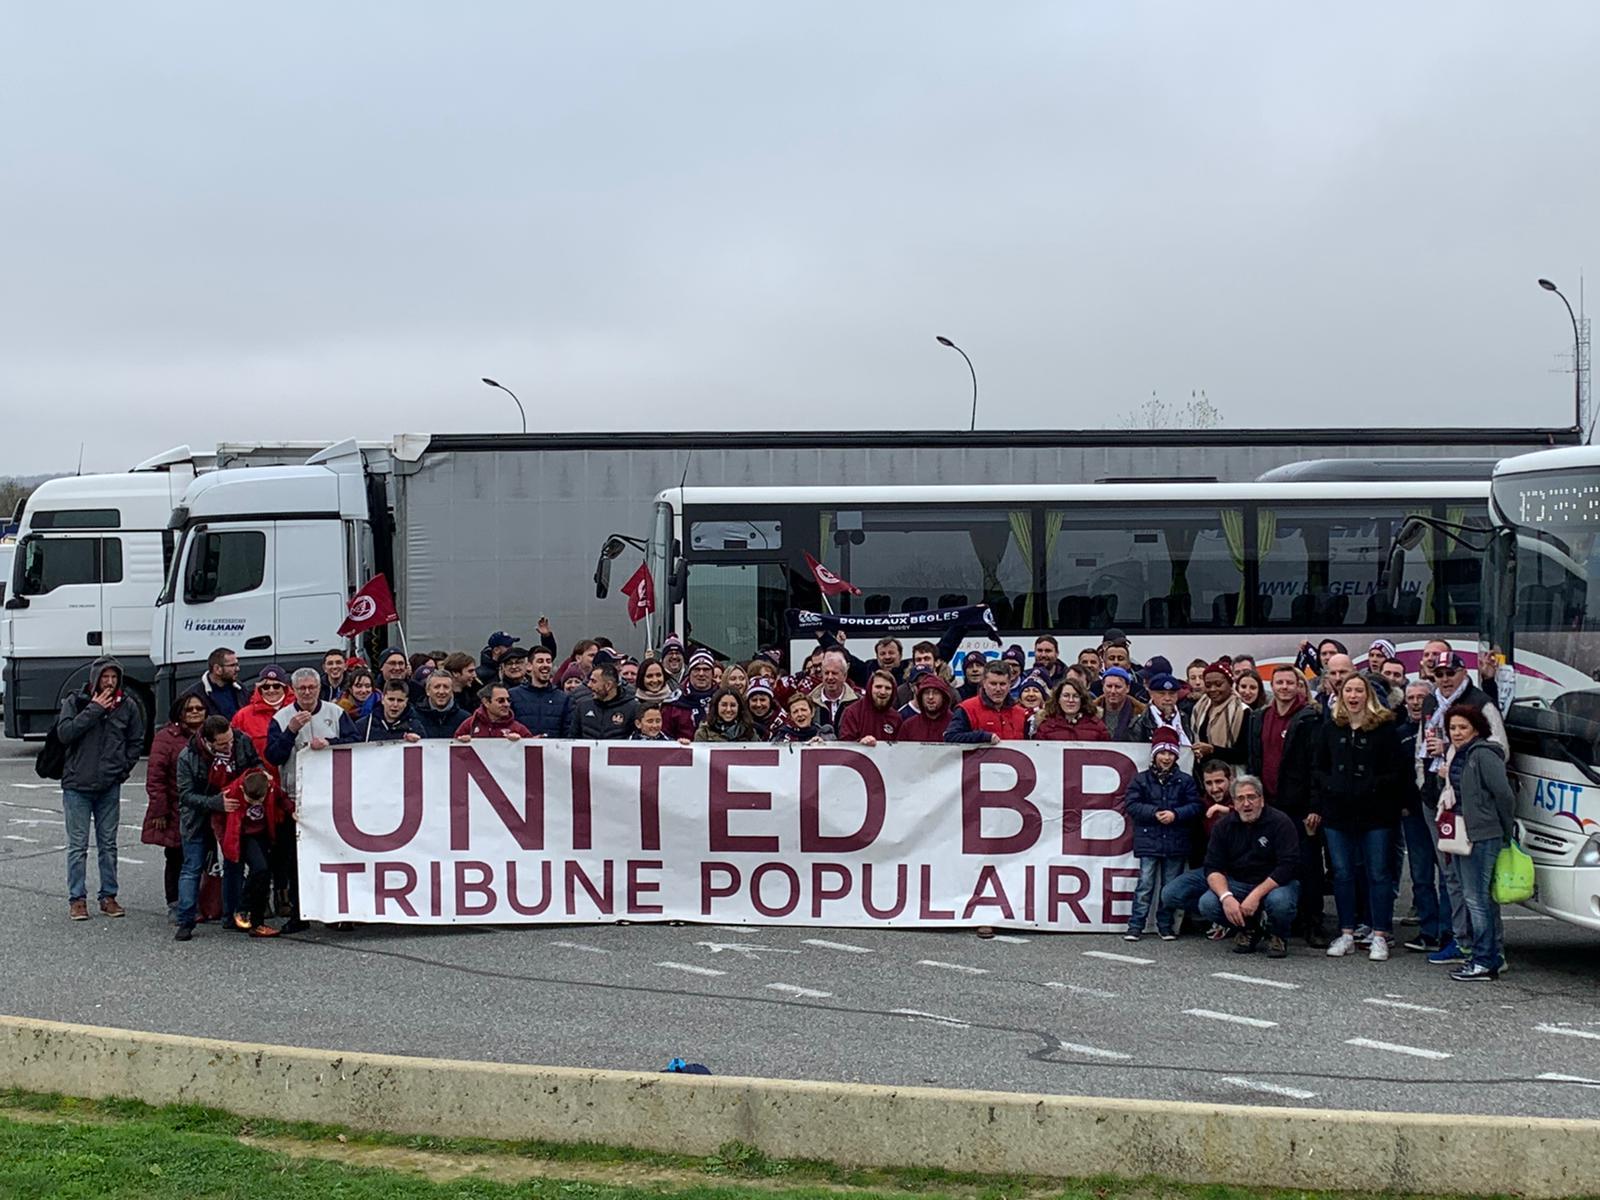 Bravo les UnitedBB EM9EIS3XkAAM4H_?format=jpg&name=large